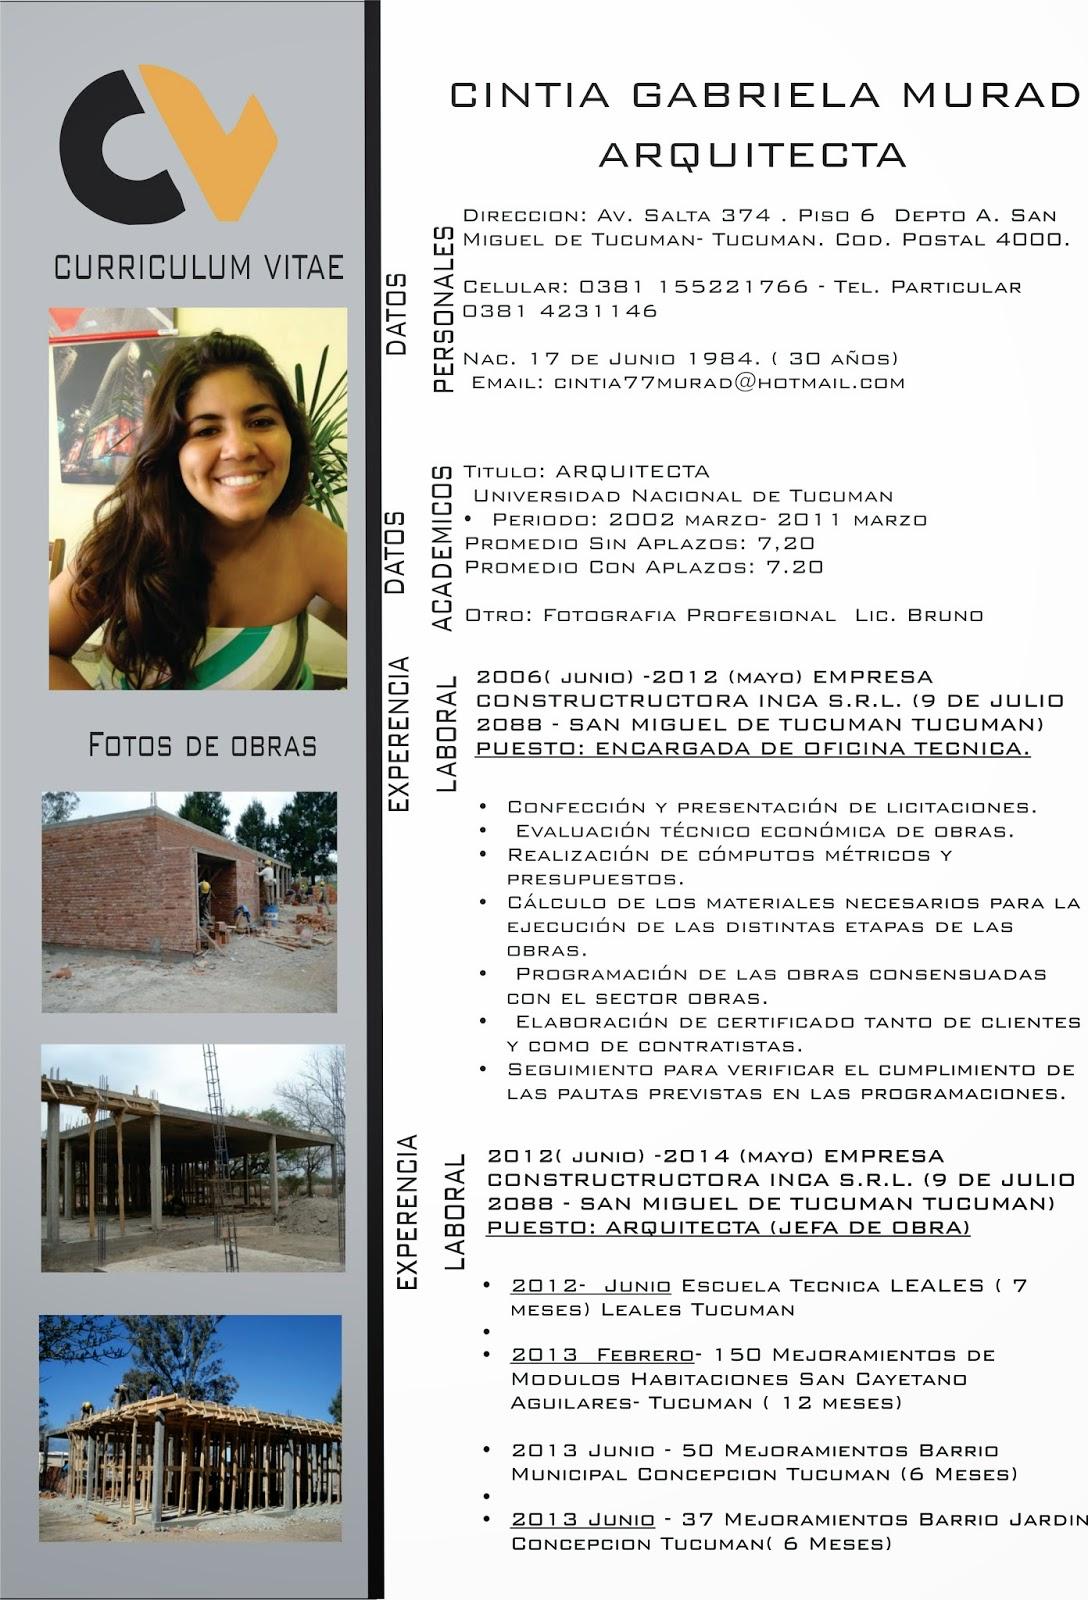 Curriculum vitae arquitecta cintia murad for Curriculum arquitecto